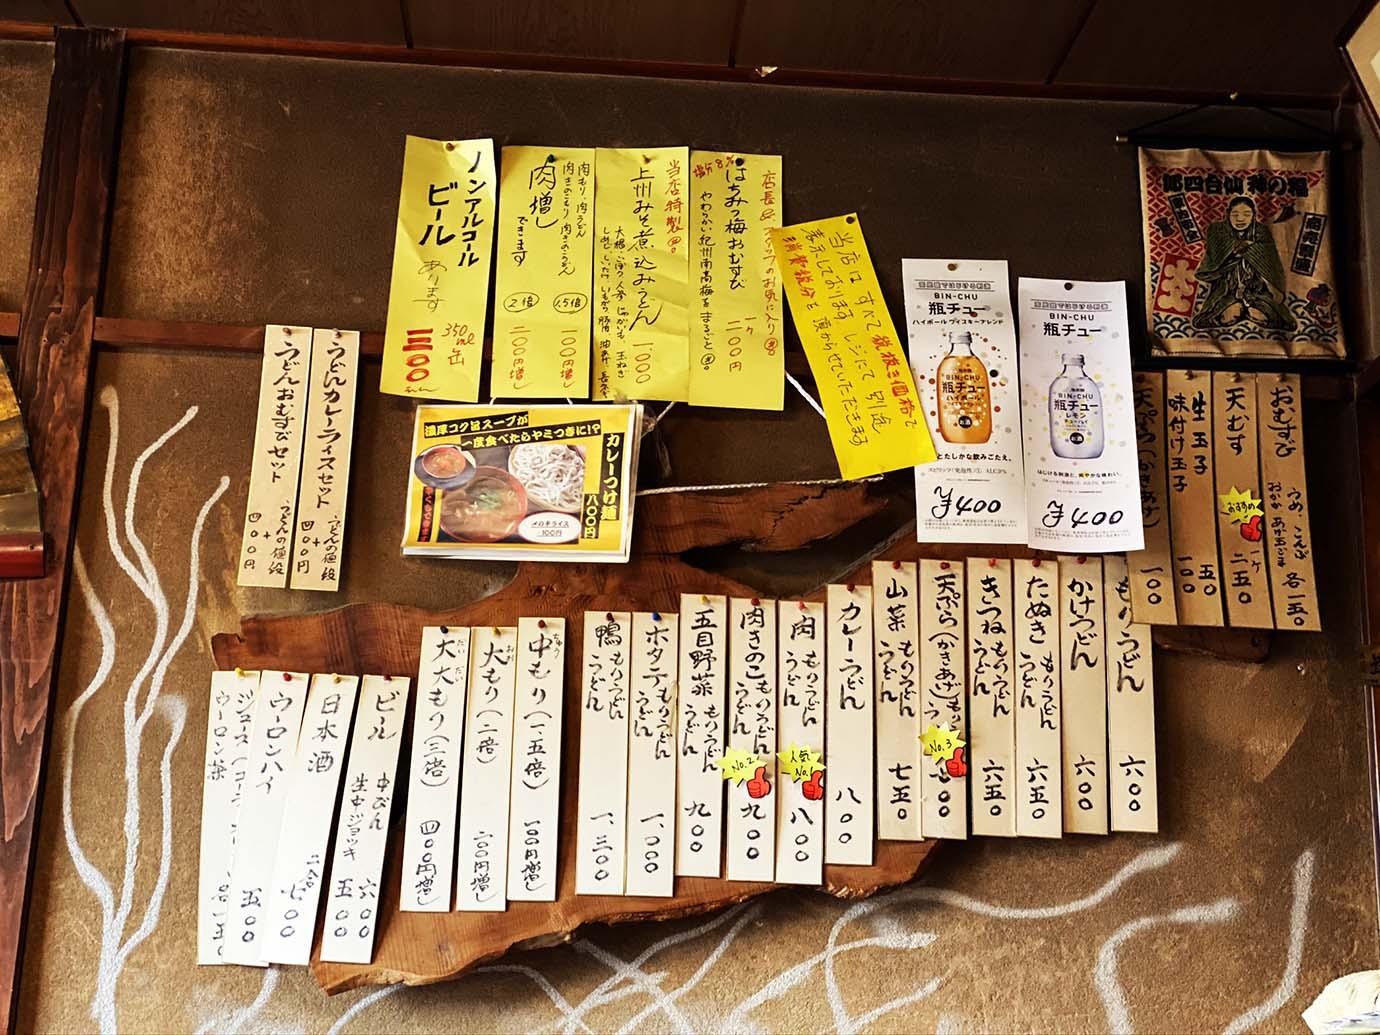 kodoku-no-gurume-udon1